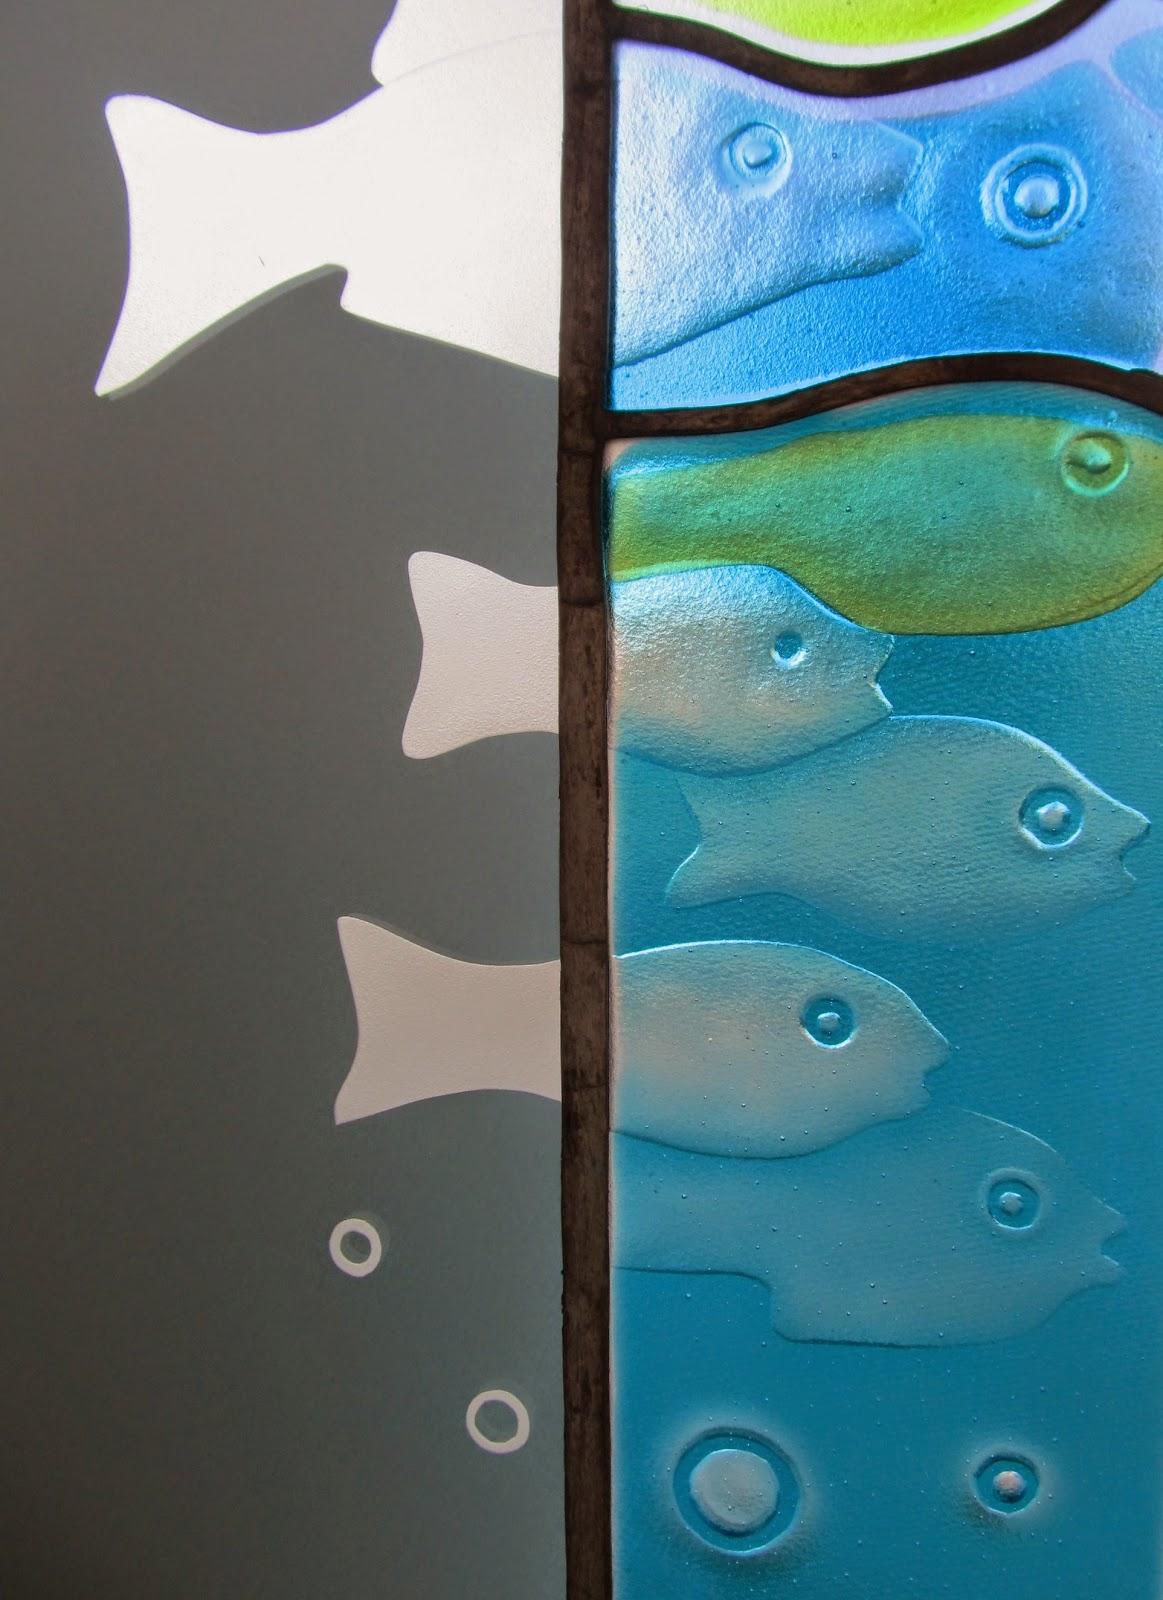 vitrážové  zrcadlo do koupelny